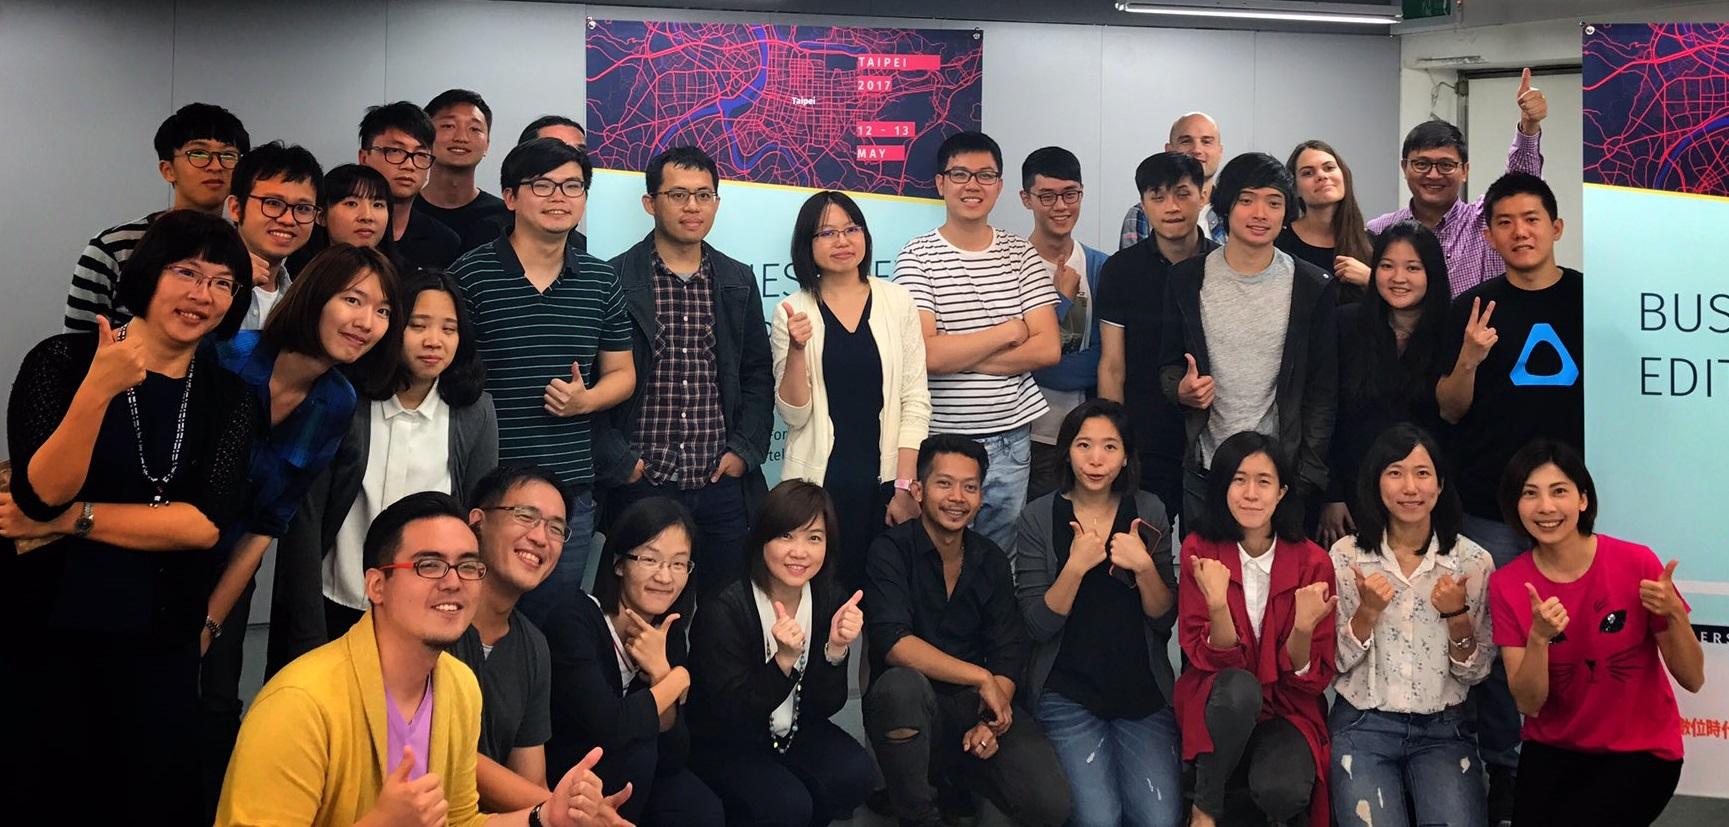 《台灣英文新聞》(Taiwan News)在台北參加首次由「全球編輯網絡」和「數位時代」主辦的編輯駭客松競賽,以虛擬實境的視覺焦點追蹤科技